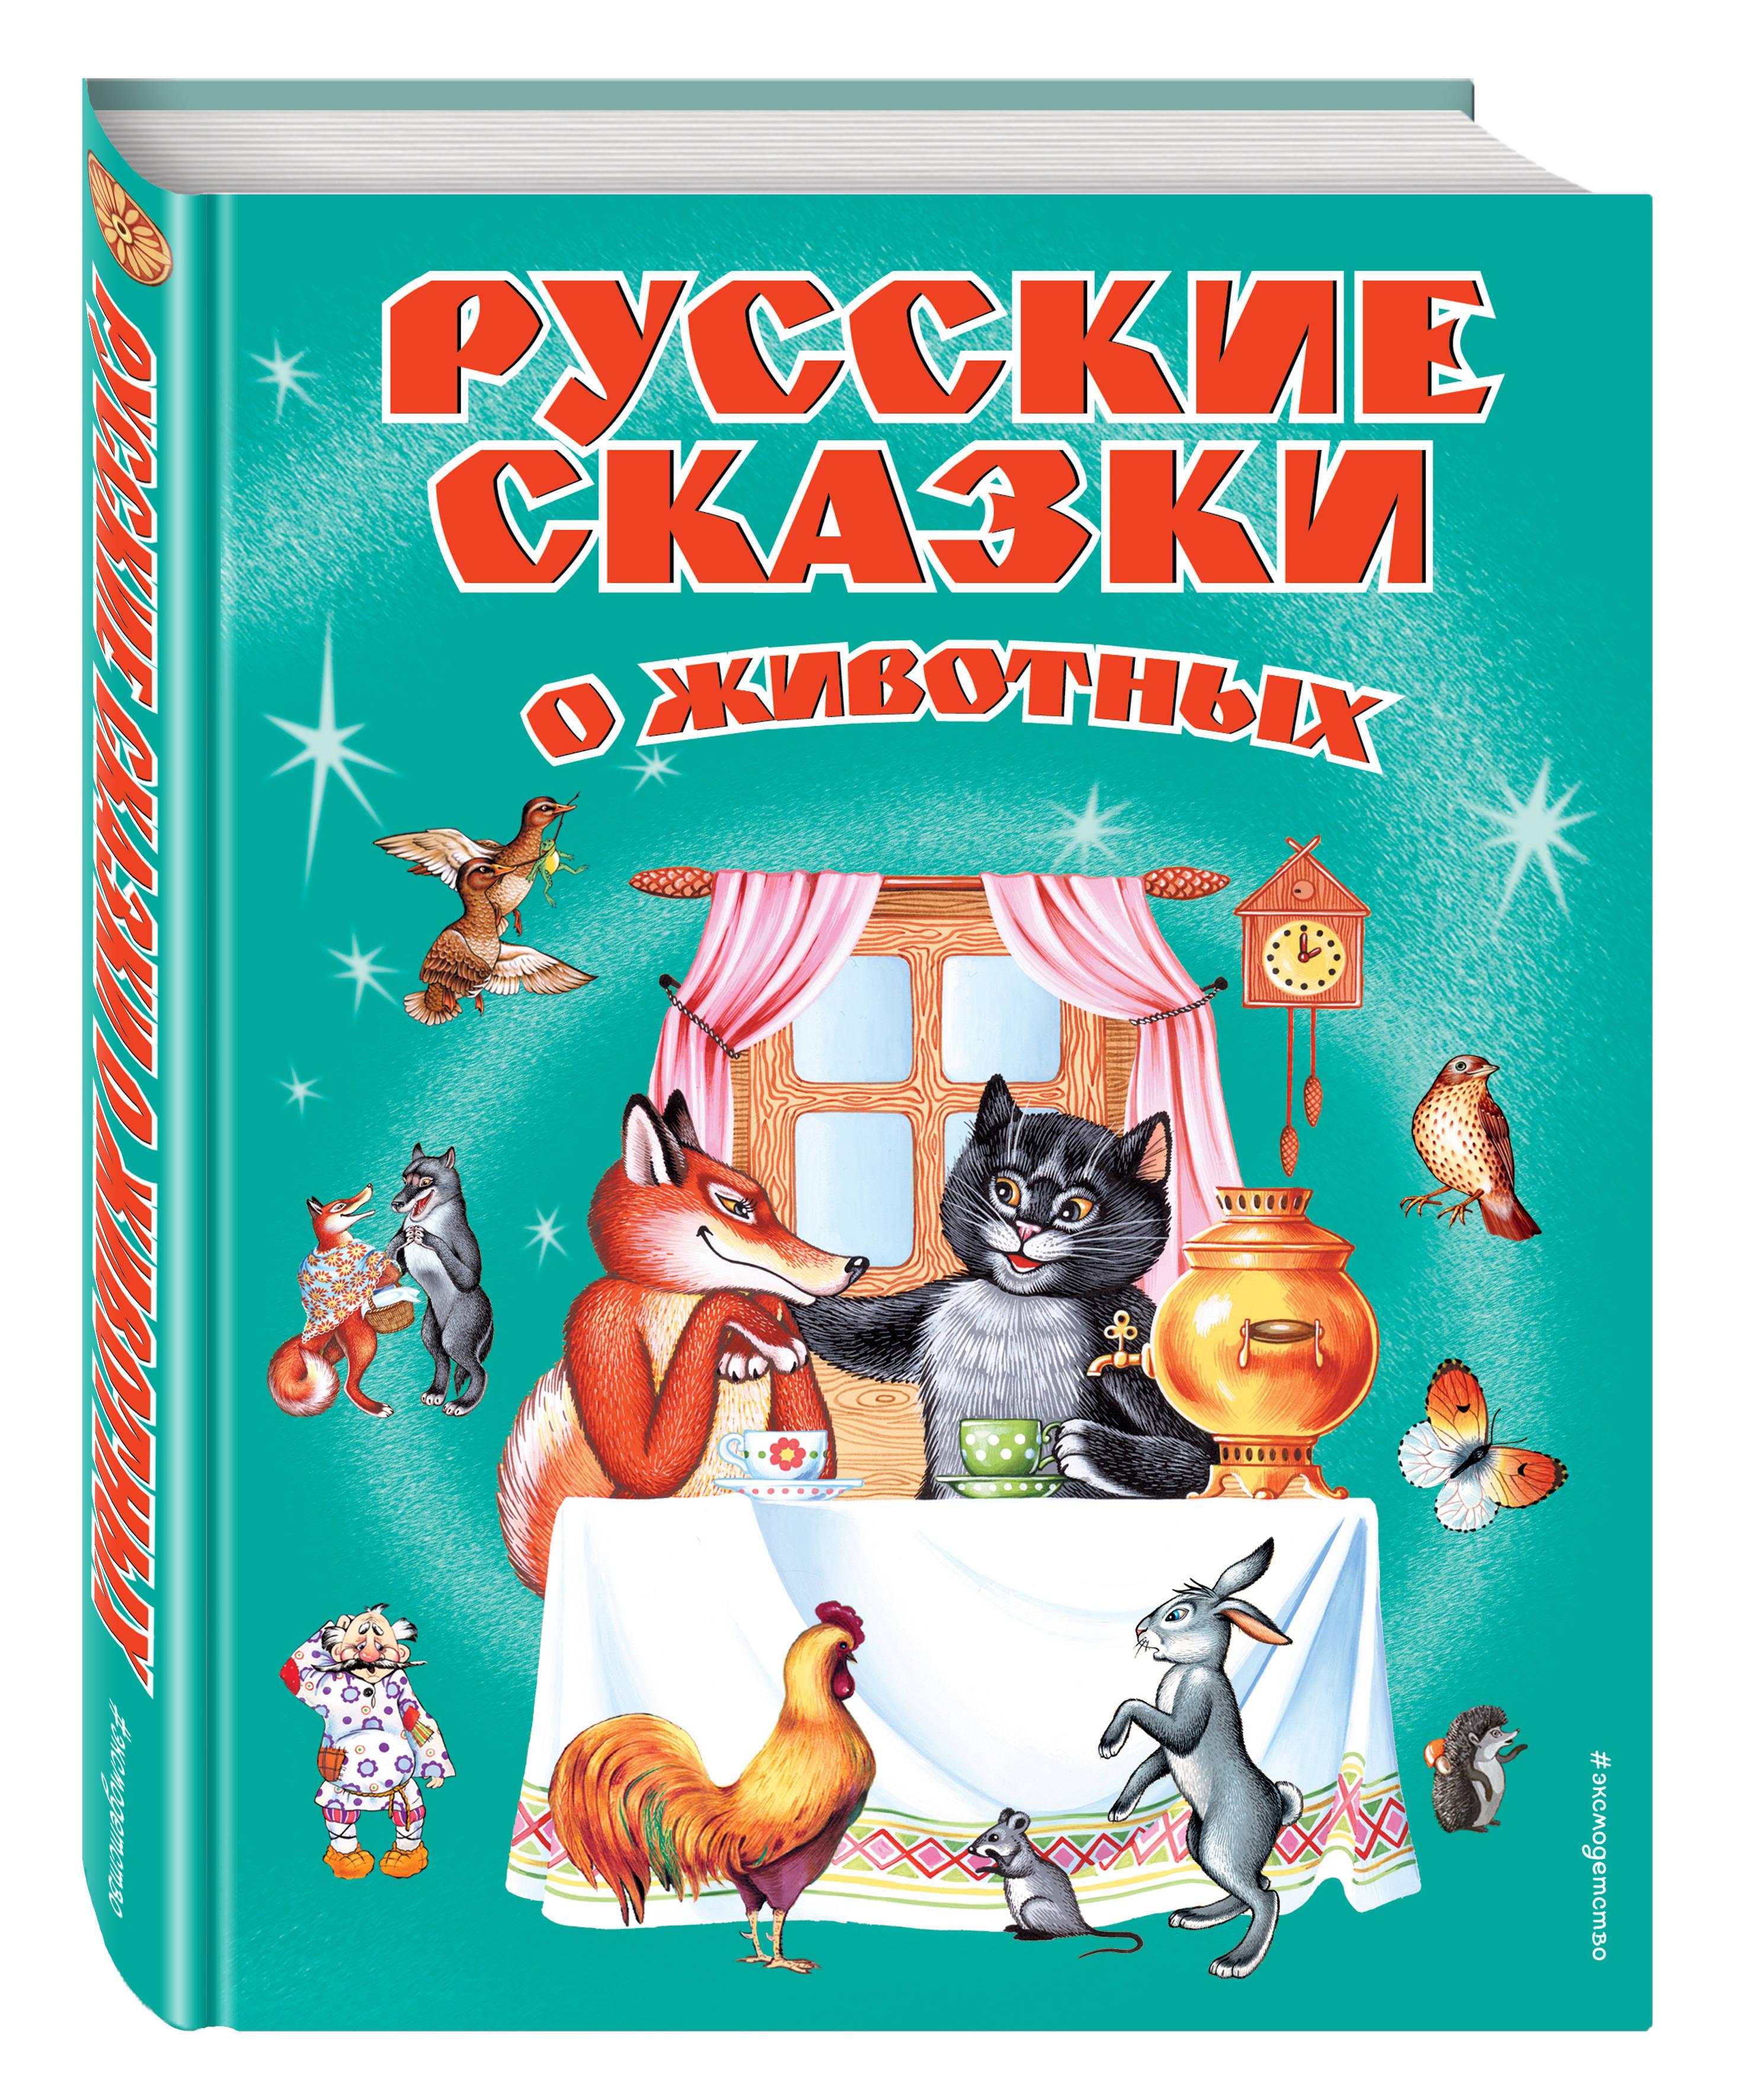 Русские сказки о животных русские сказки о животных